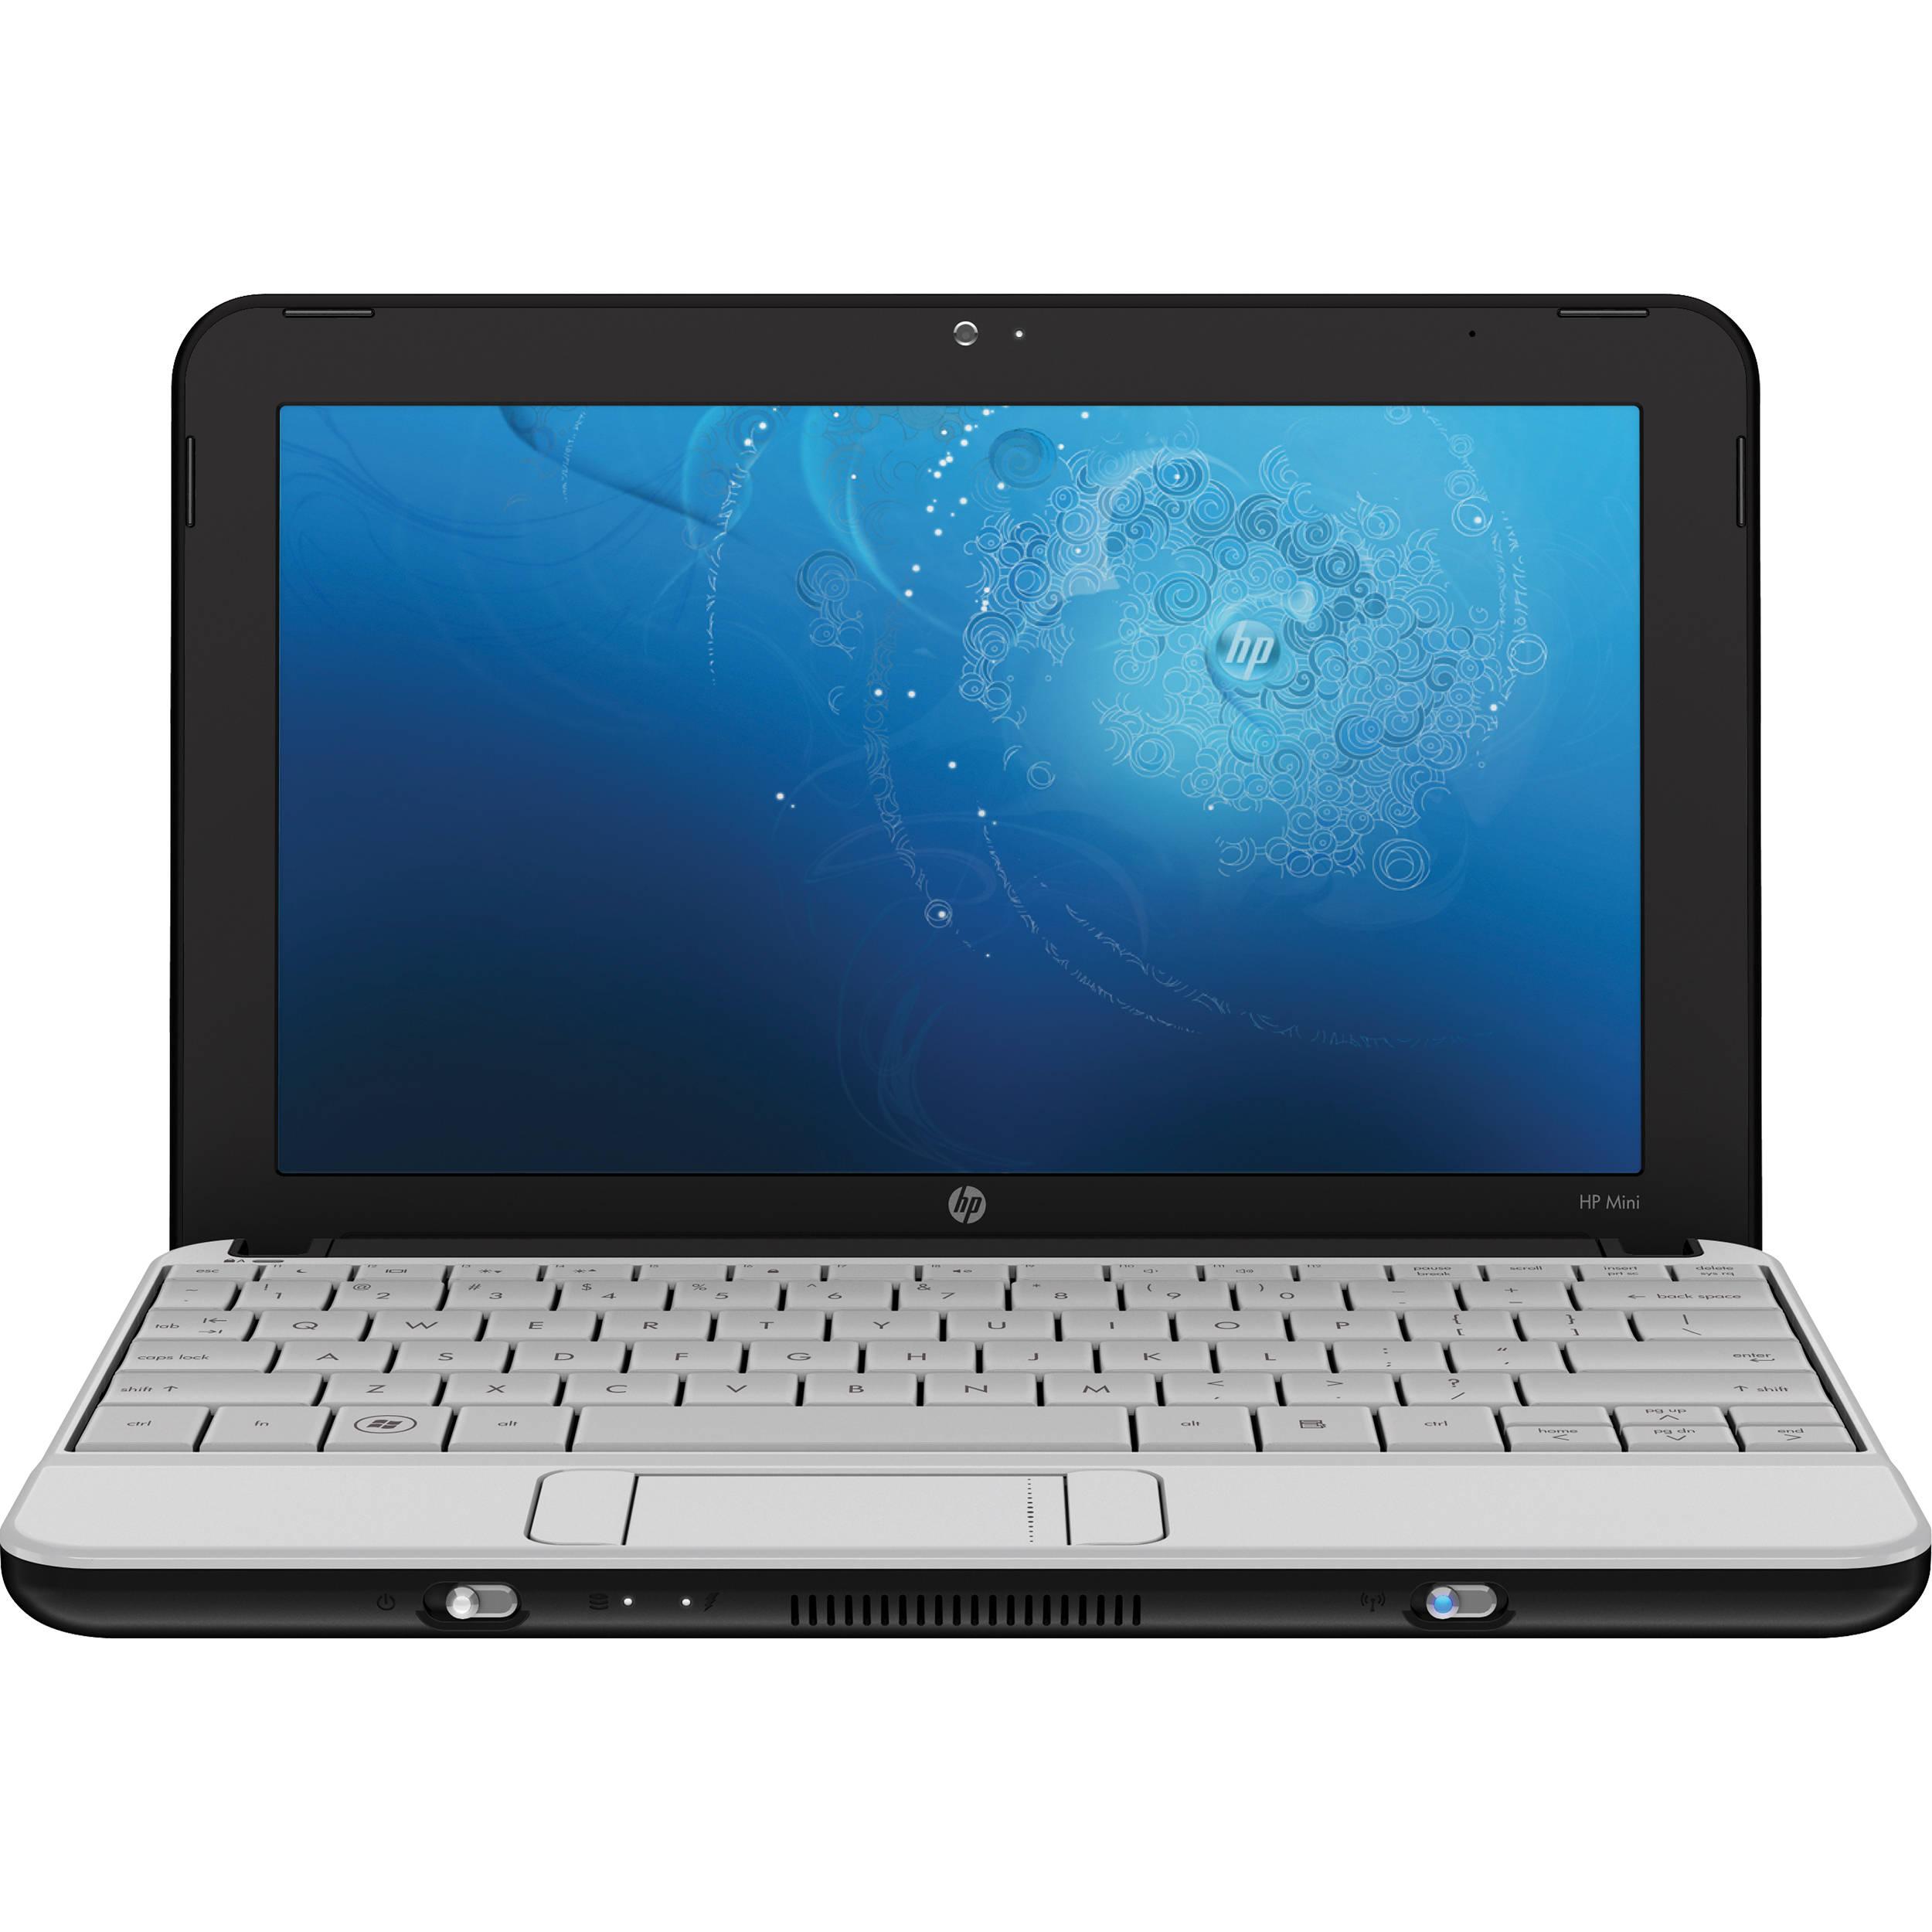 HP Mini 1126NR 64 Bit